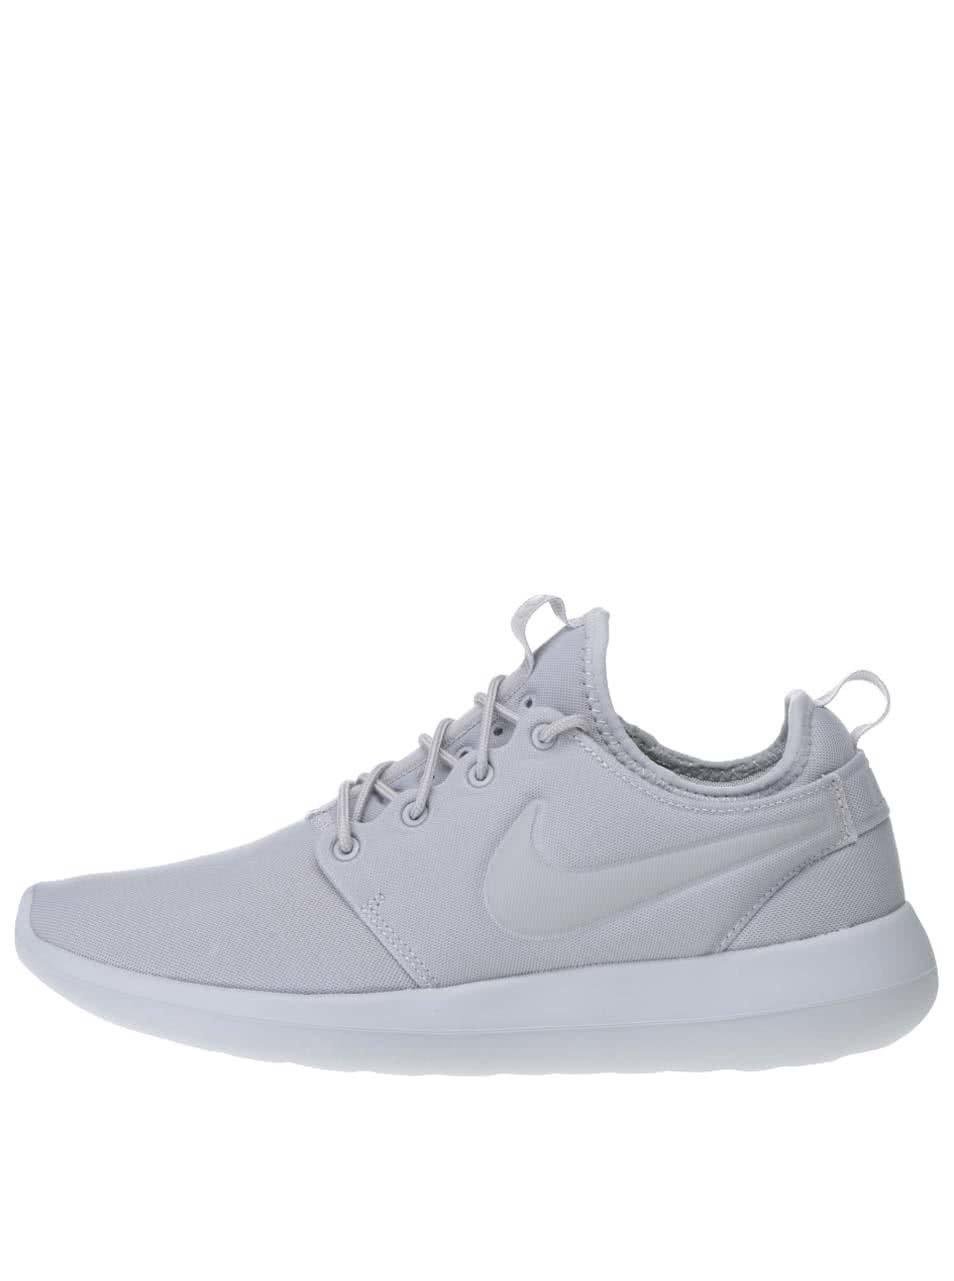 Světle šedé pánské tenisky Nike Roche Two